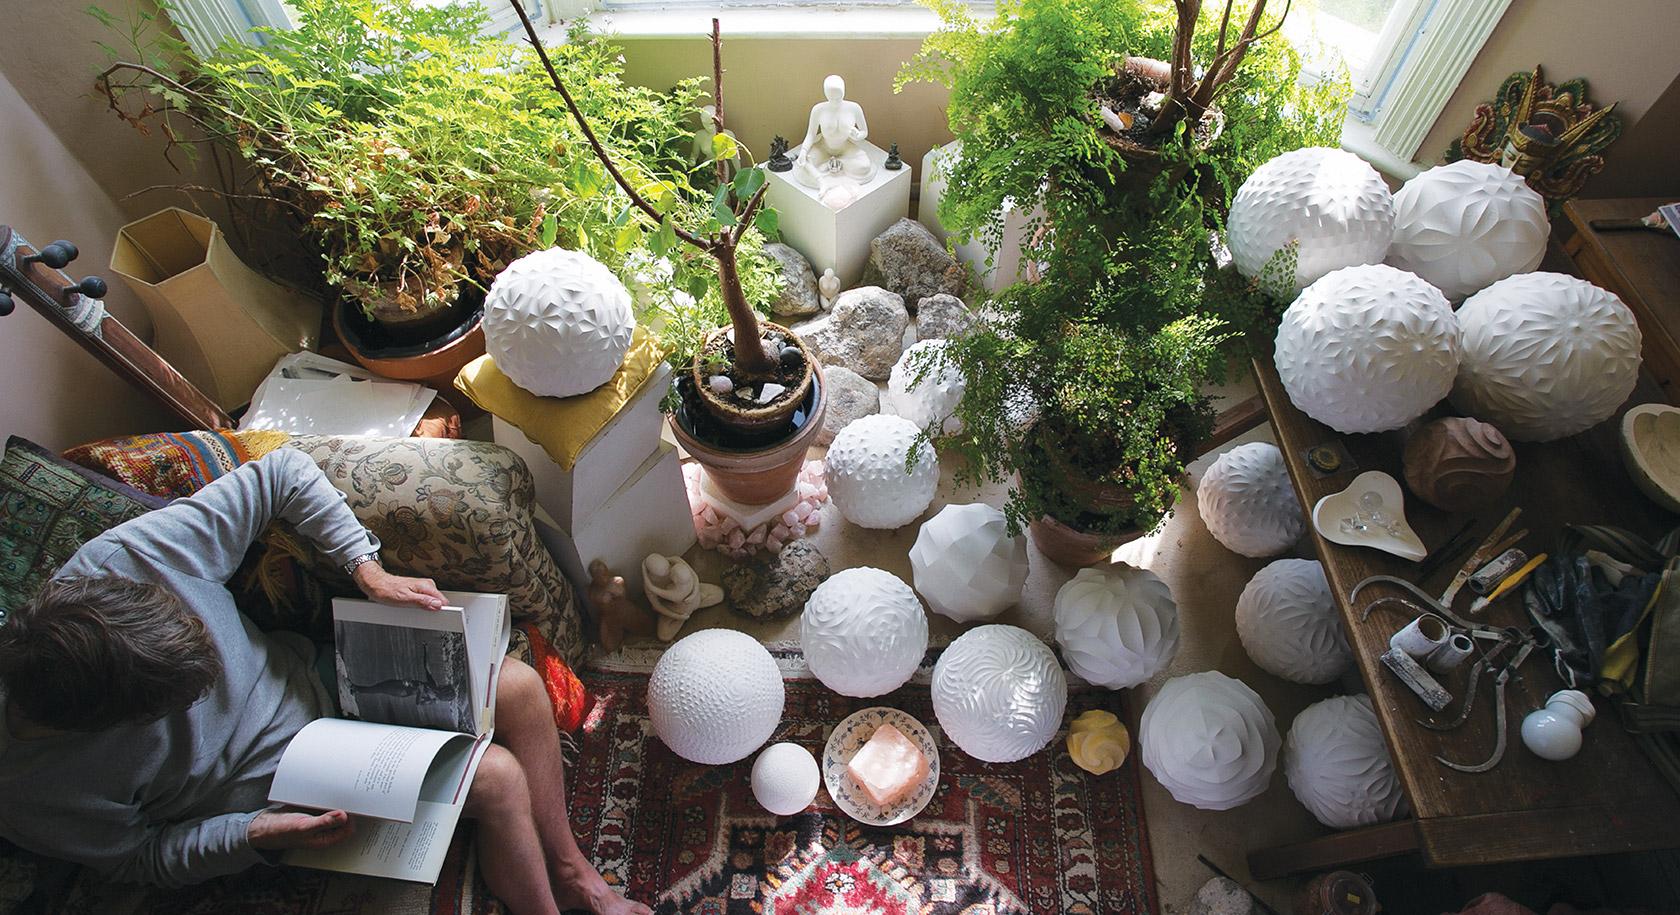 Spheres4